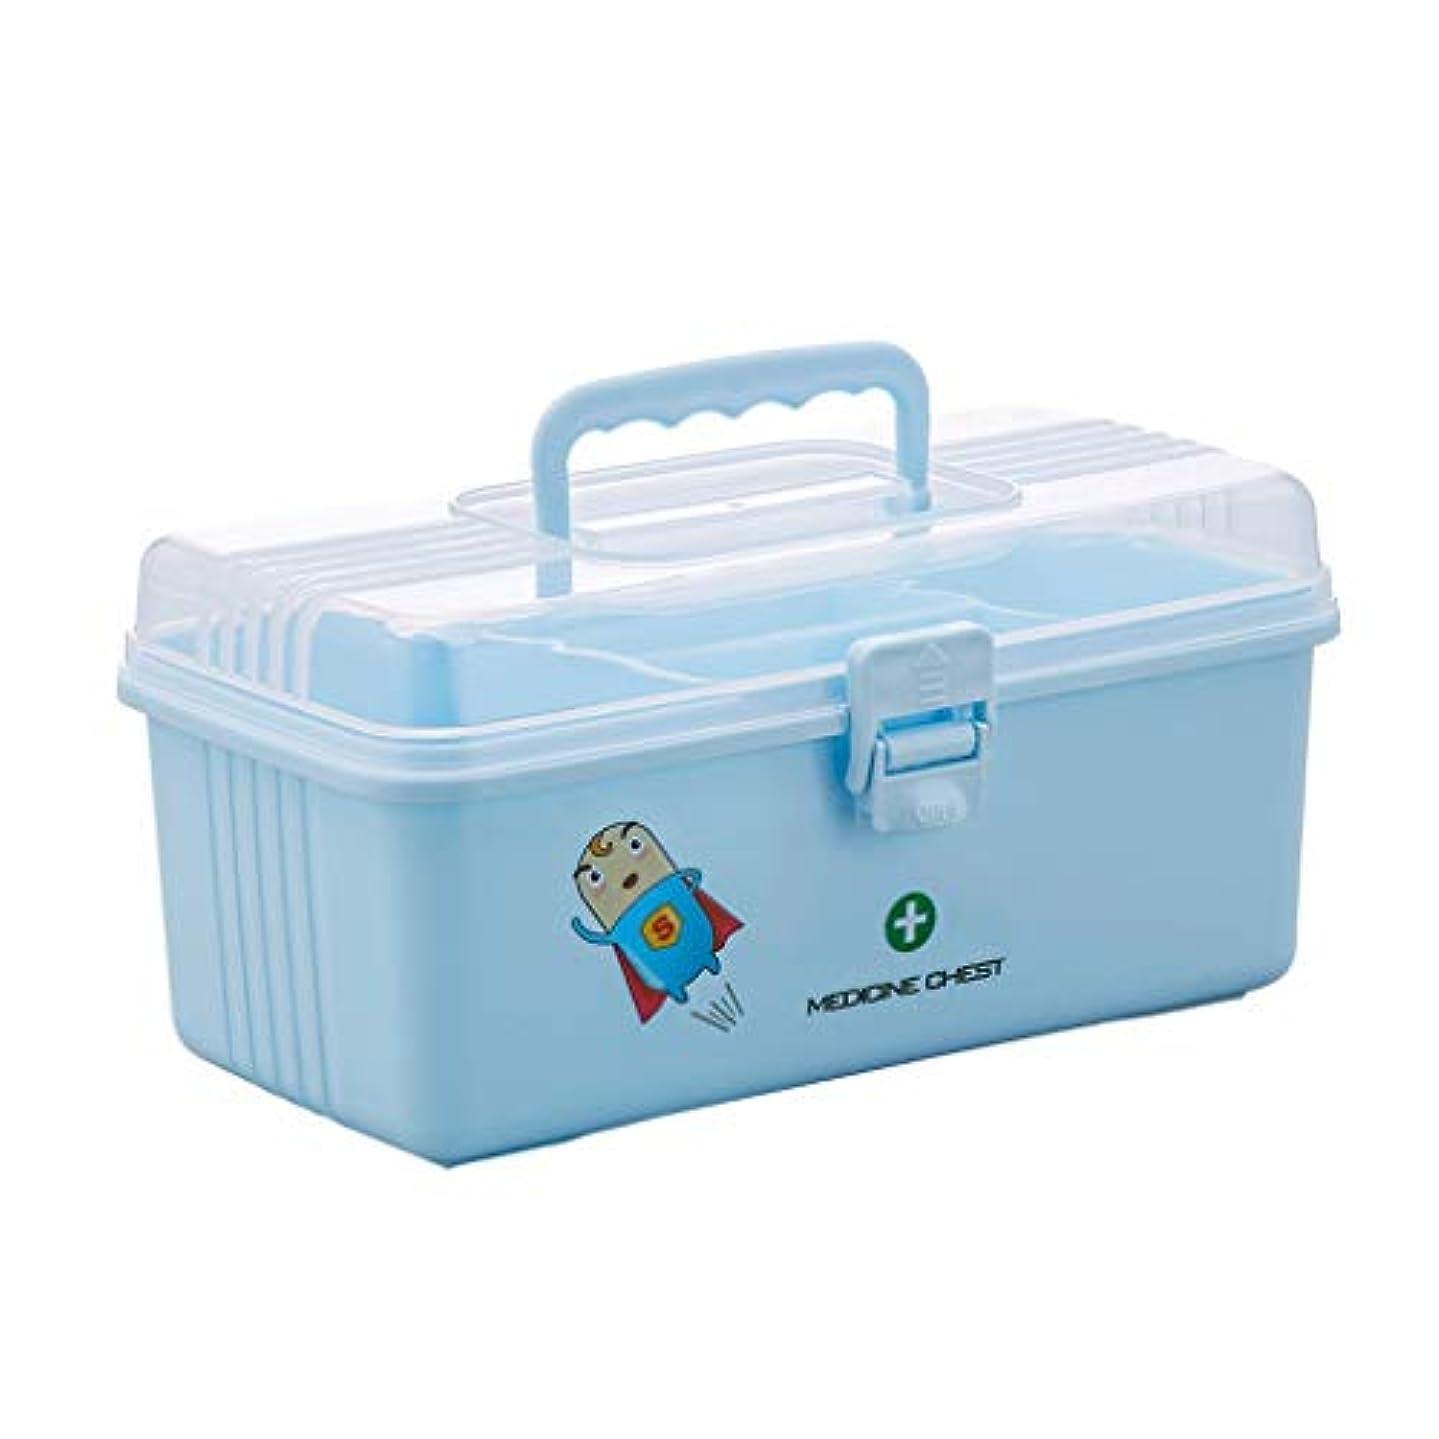 充電特異な色合い応急処置ケース薬箱家庭用薬収納ボックス便利な二重層大容量医療救急箱28.6 * 15 * 13 cm ZHAOSHUNLI (Color : Blue)